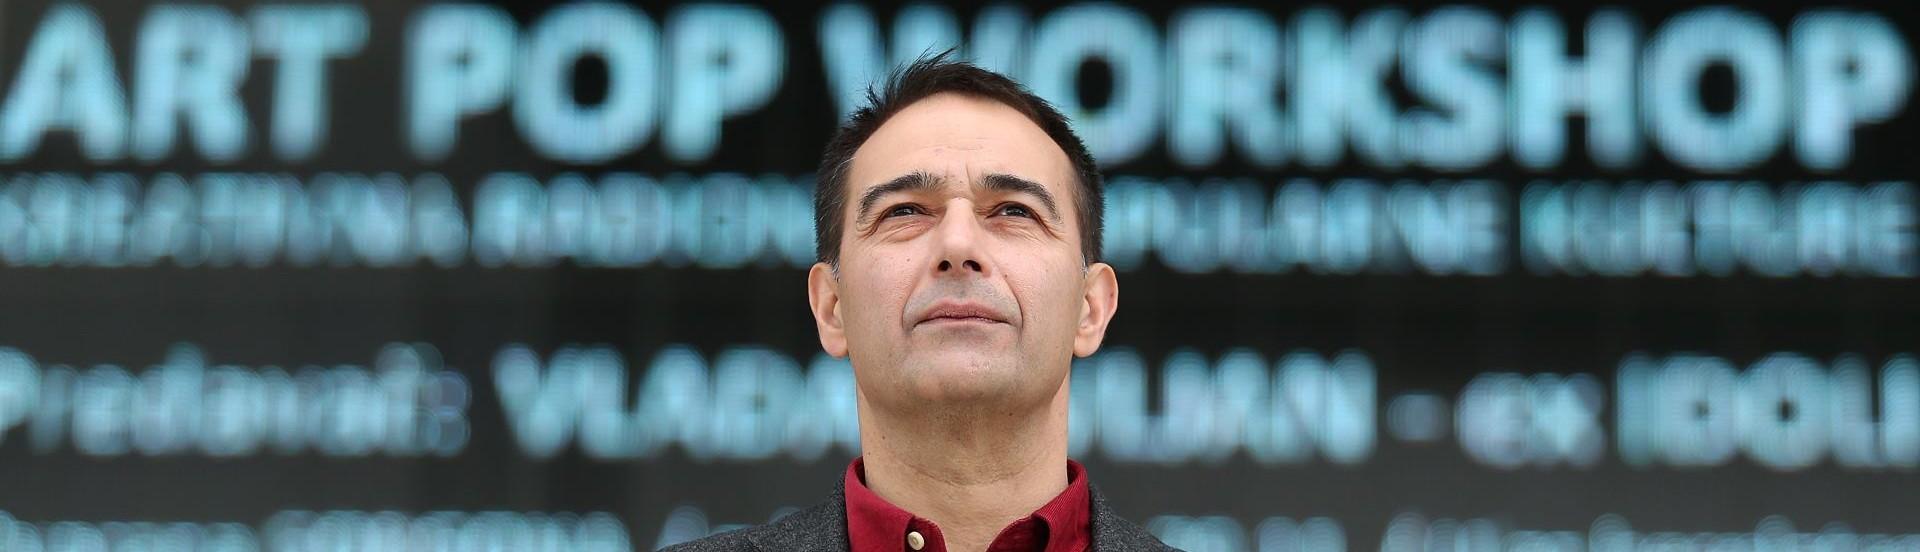 """DOMAĆI GLAZBENI NOVINARI ODABRALI : """"Odbrana i poslednji dani"""" Idola najbolji album ex Yu"""